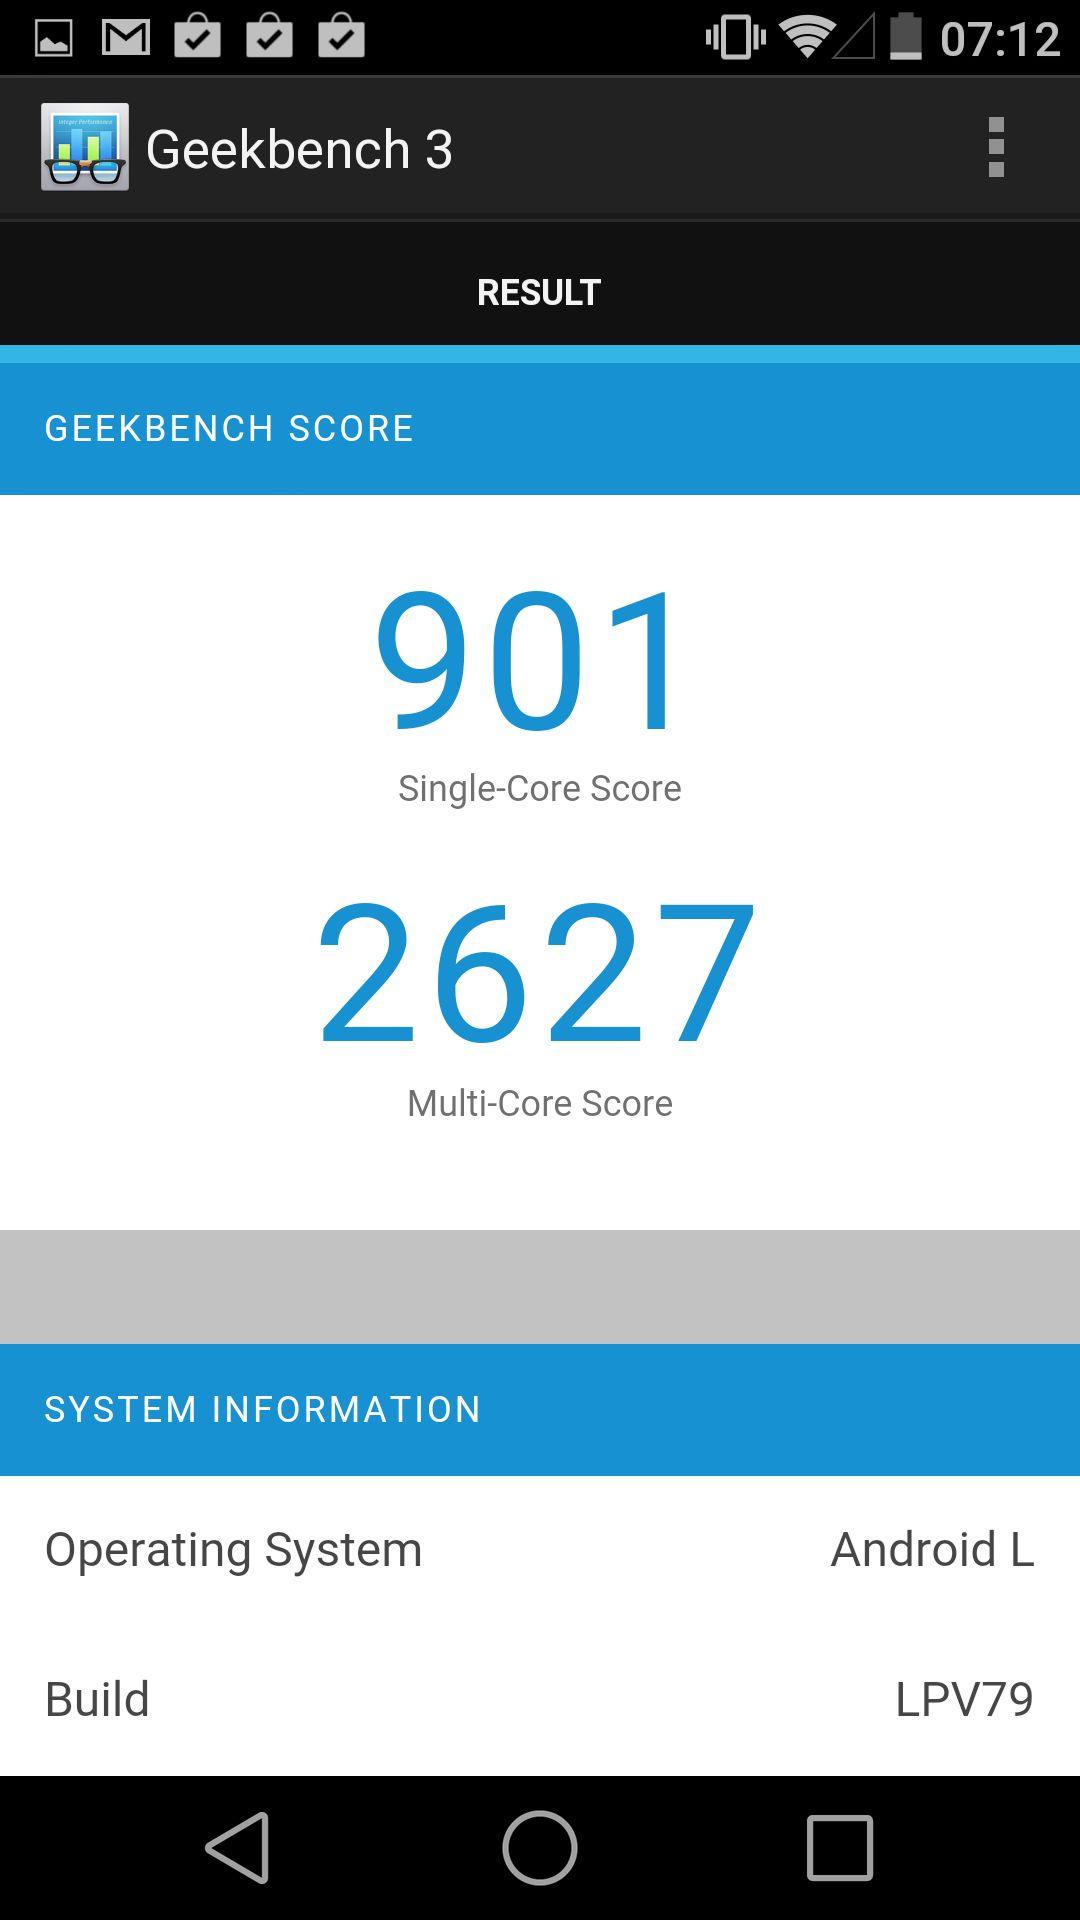 Vi får dårligere resultater i ytelsestester for Nexus 5 med Android L enn med 4.4 KitKat. Geekbench ga opprinnelig 2829 poeng.